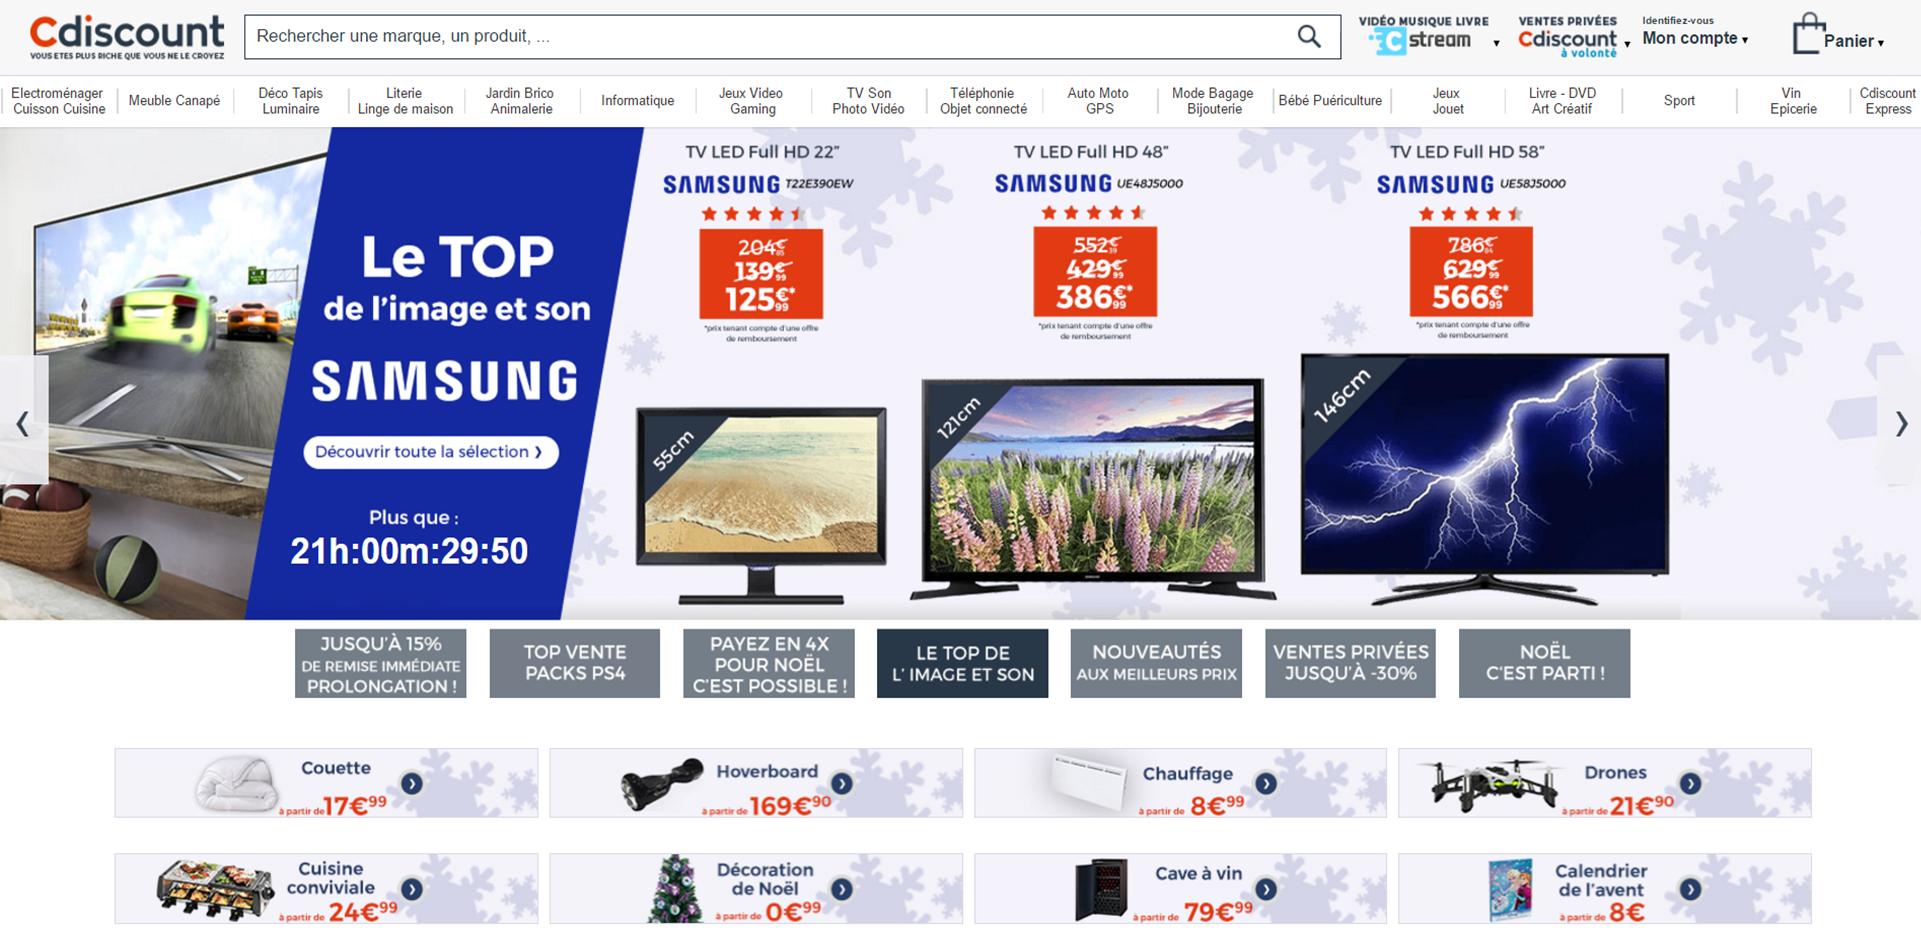 Exemple de site e commerce Cdiscount avec un visuel de diaporama aux couleurs de Noël